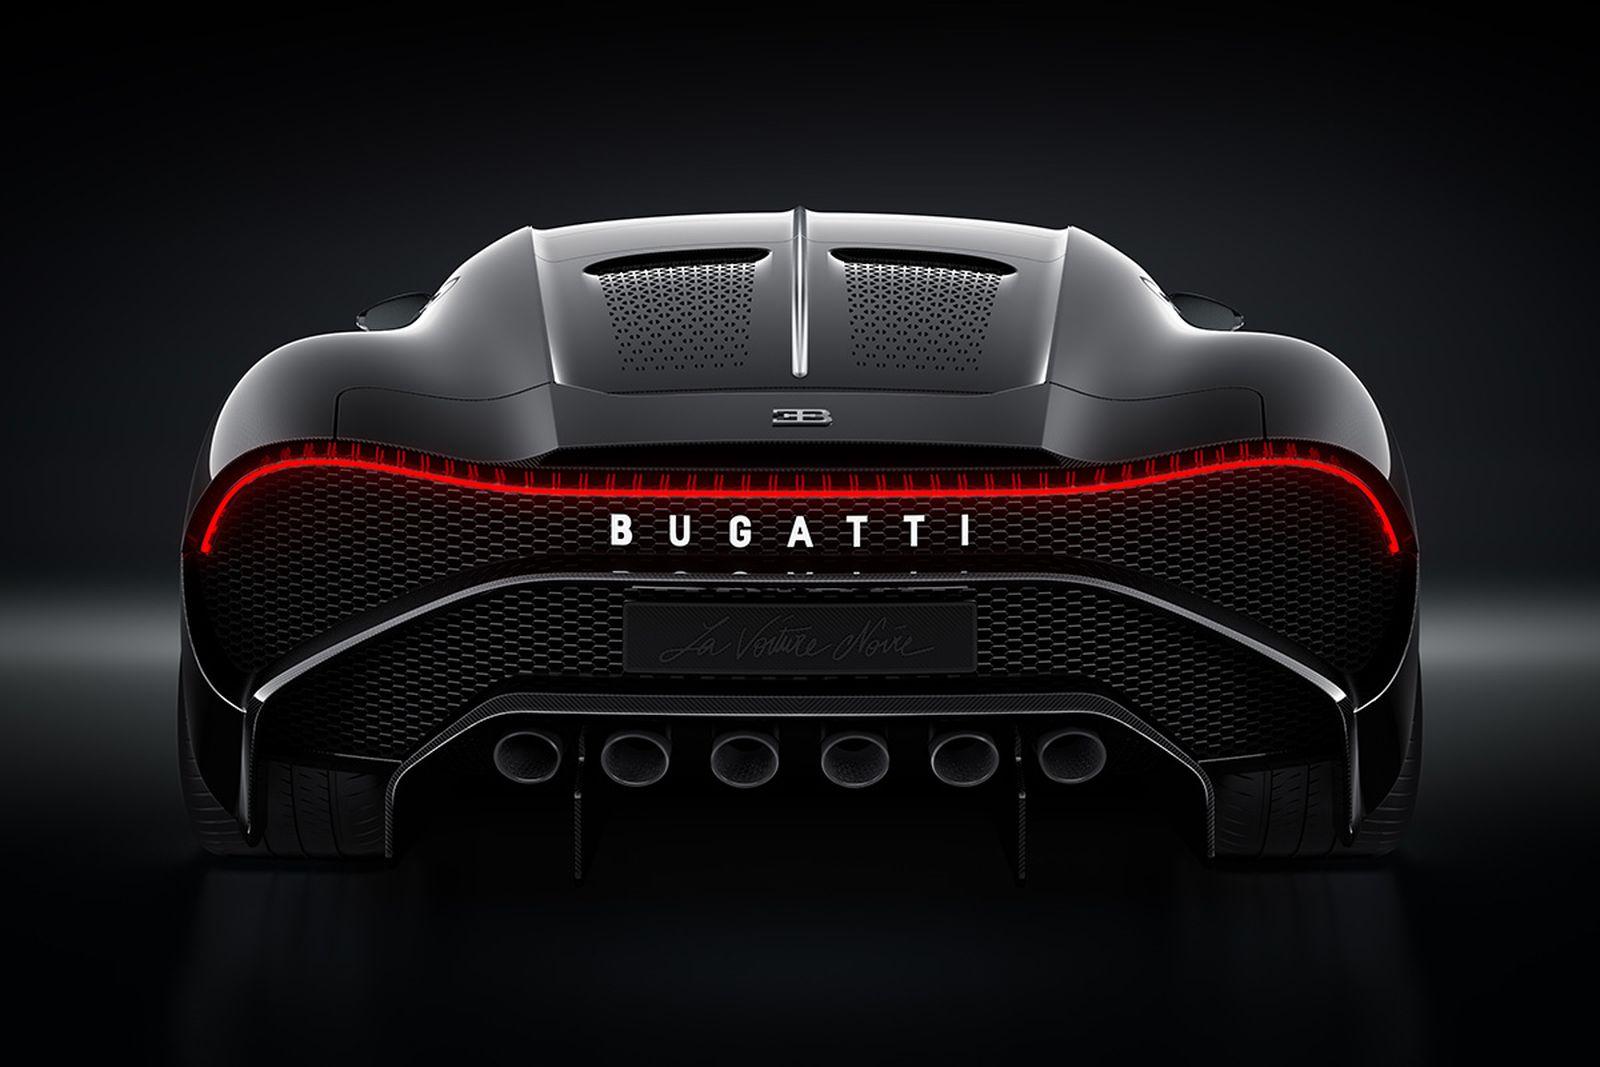 bugatti-la-voiture-noire-03